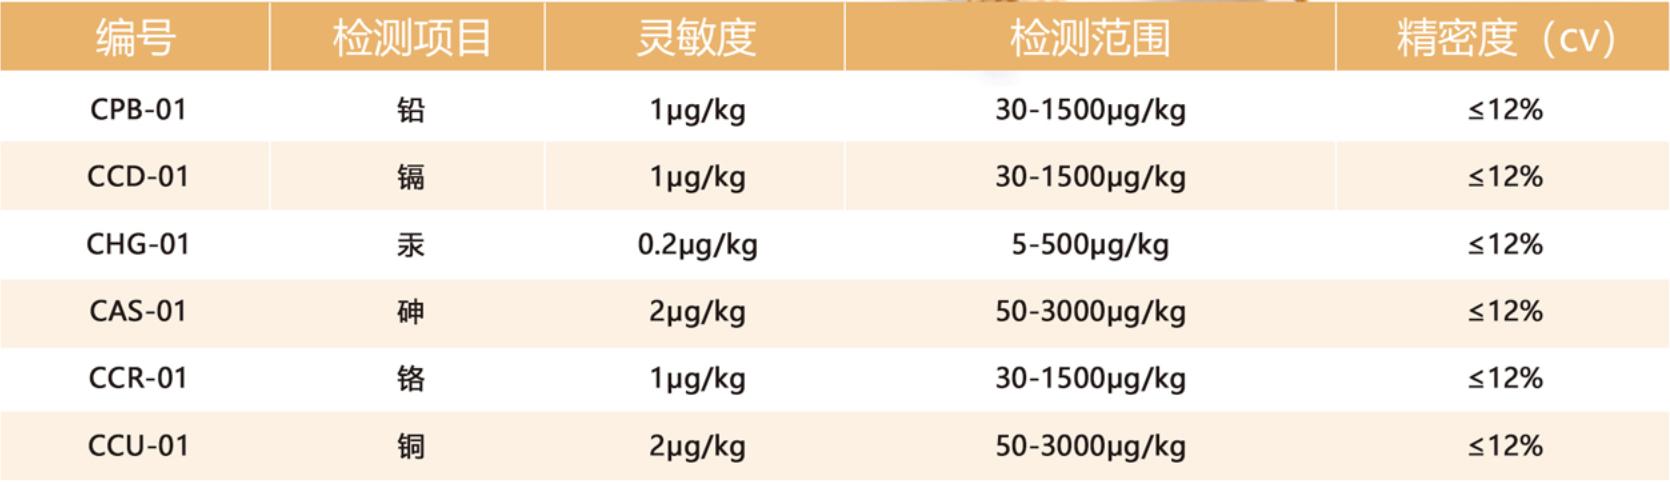 大米重金属检测仪